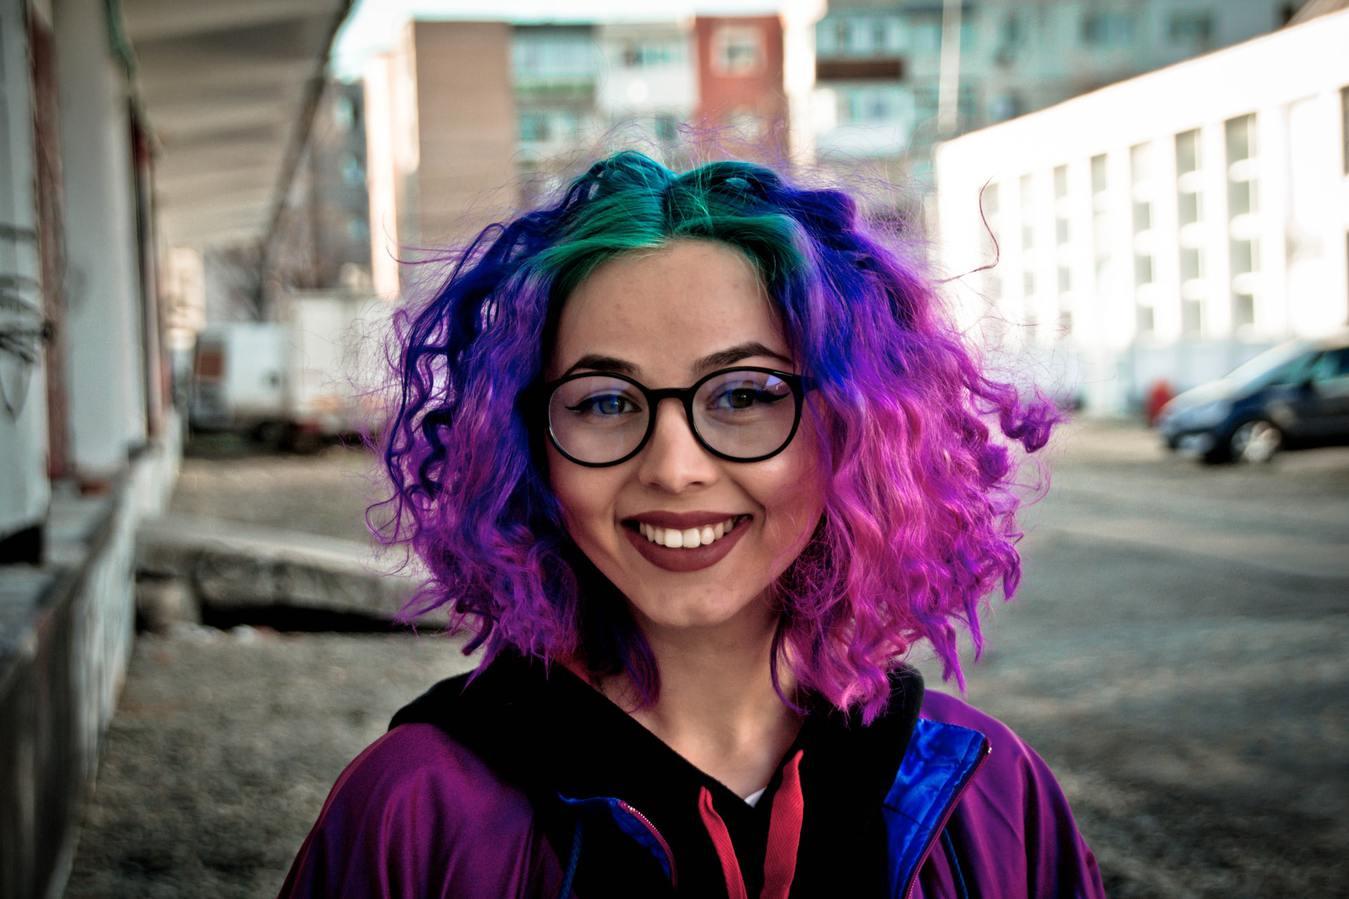 Vrouw met een kleurrijke pruik, groen, blauw en paars